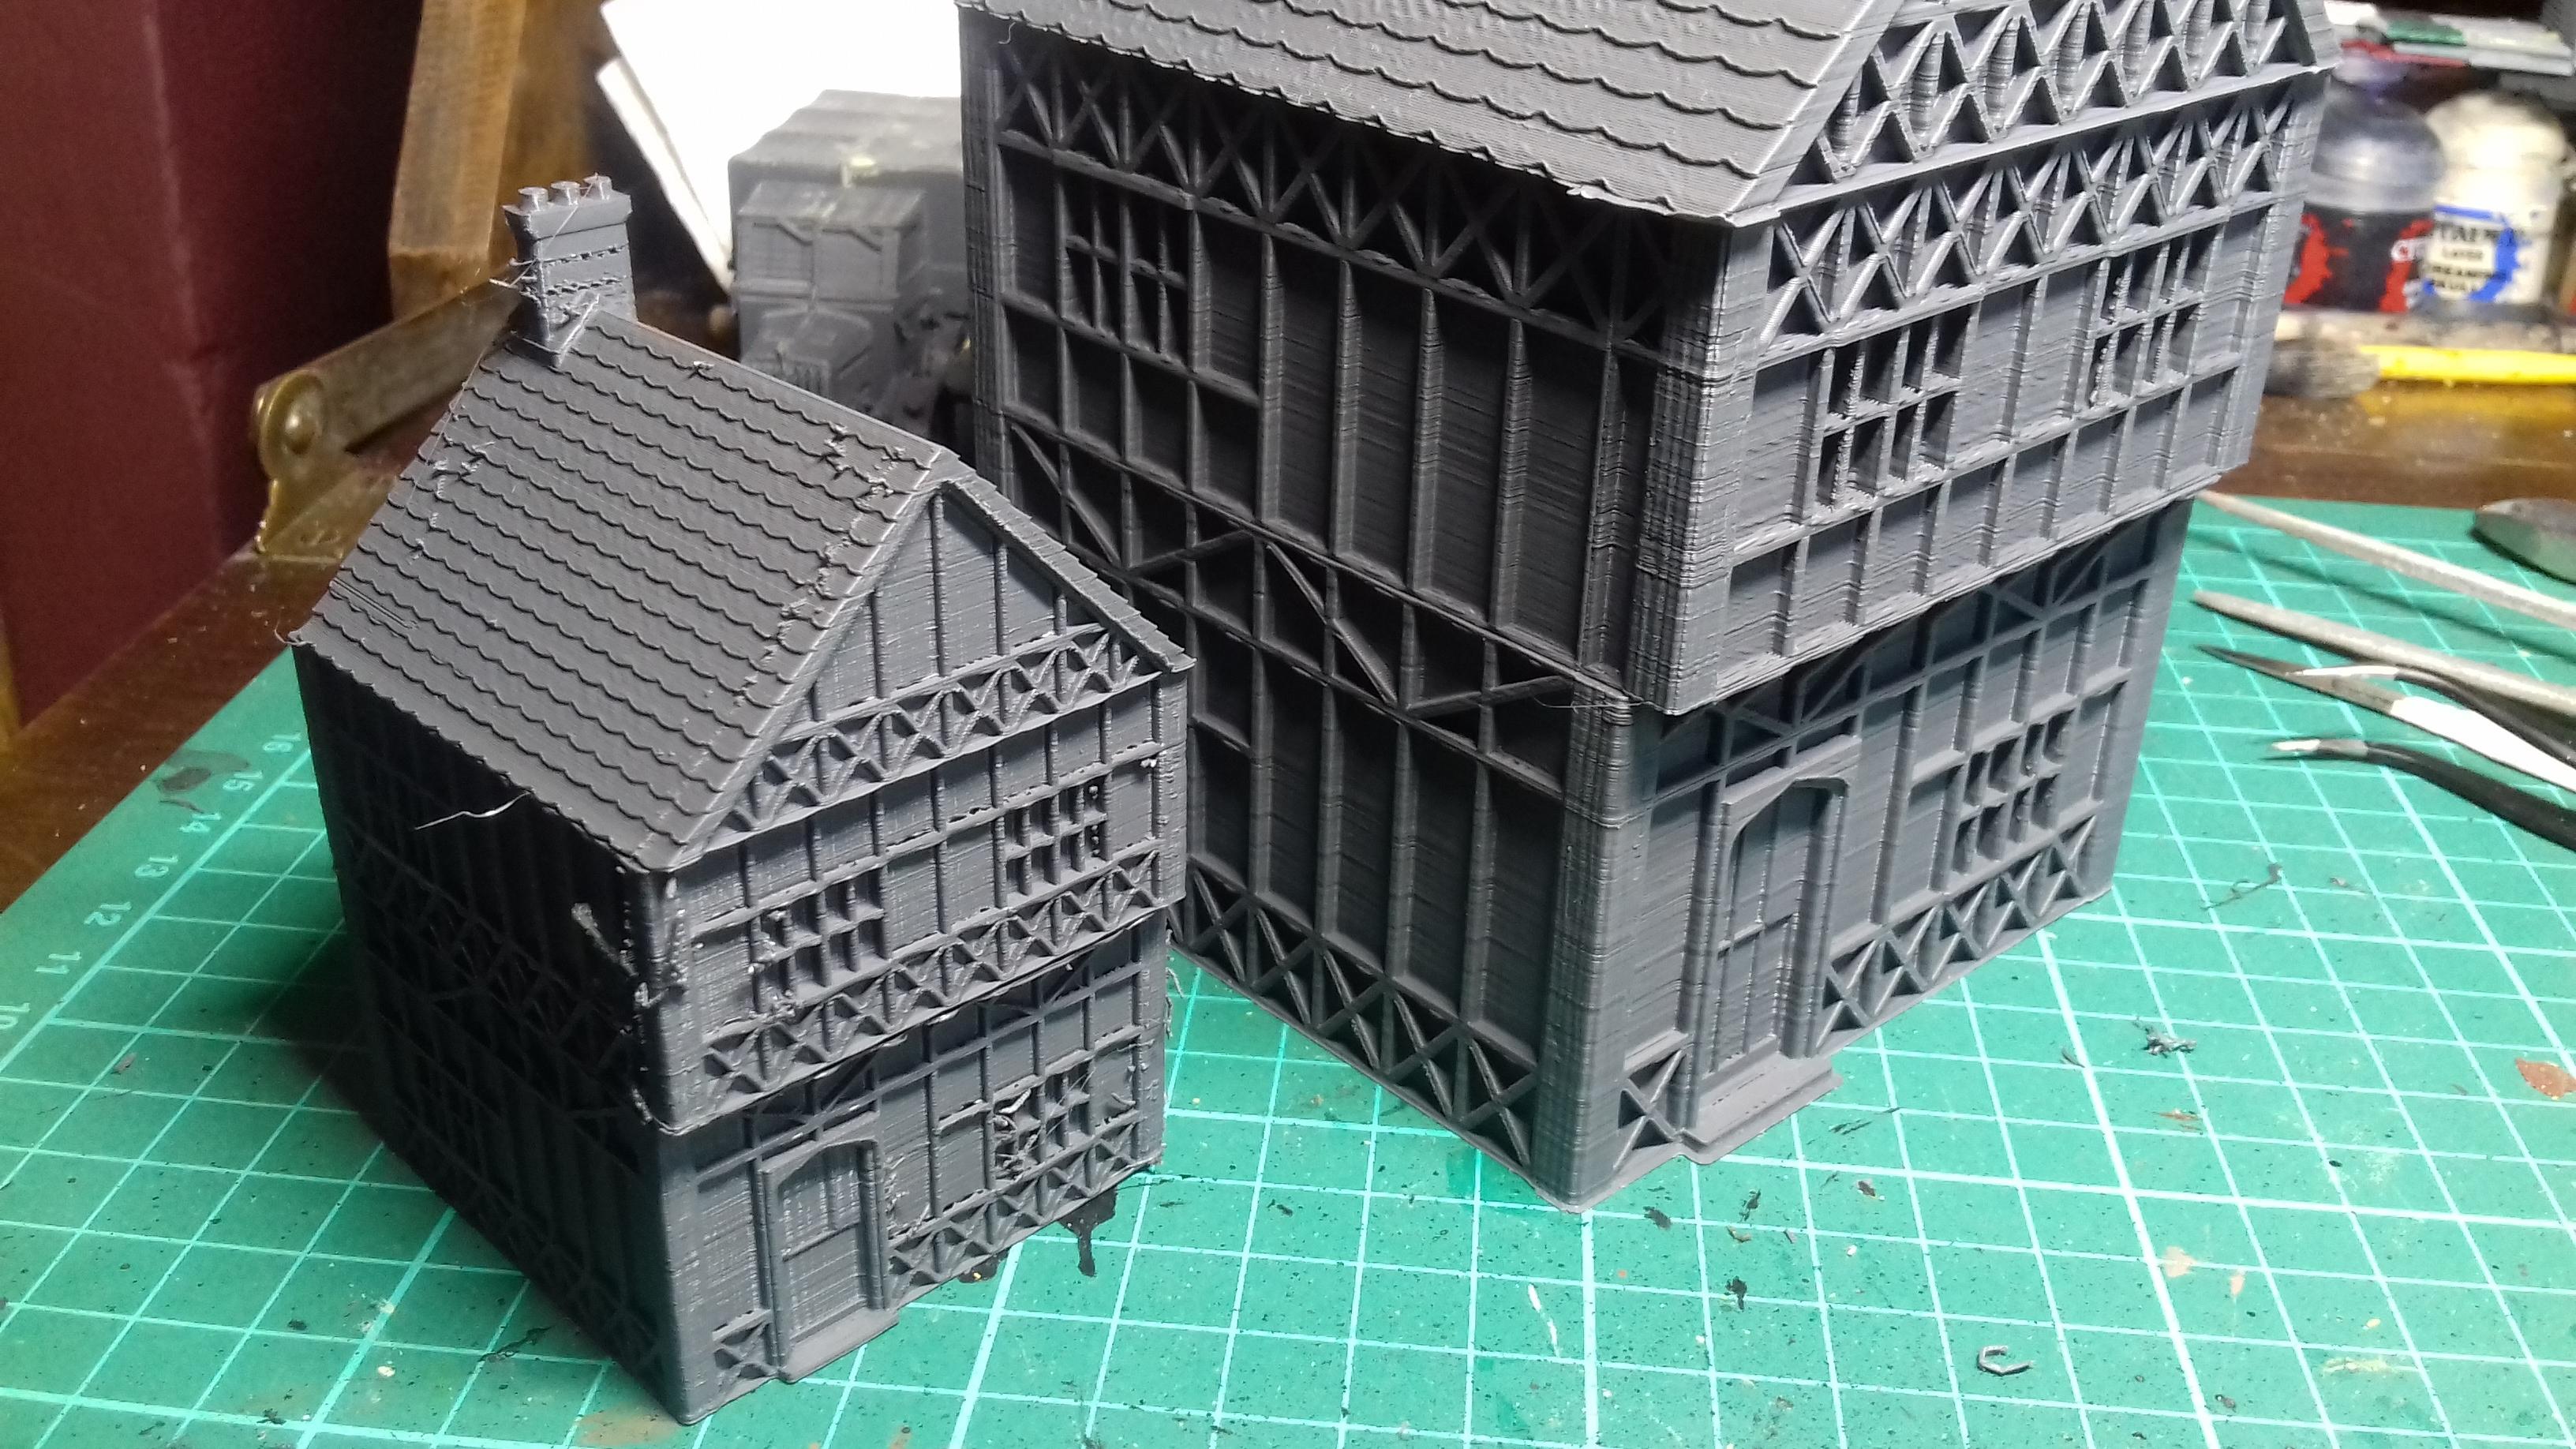 20180820_181137.jpg Télécharger fichier STL gratuit Maison de Wargaming à deux étages, style Tudor • Modèle pour imprimante 3D, Wrecker